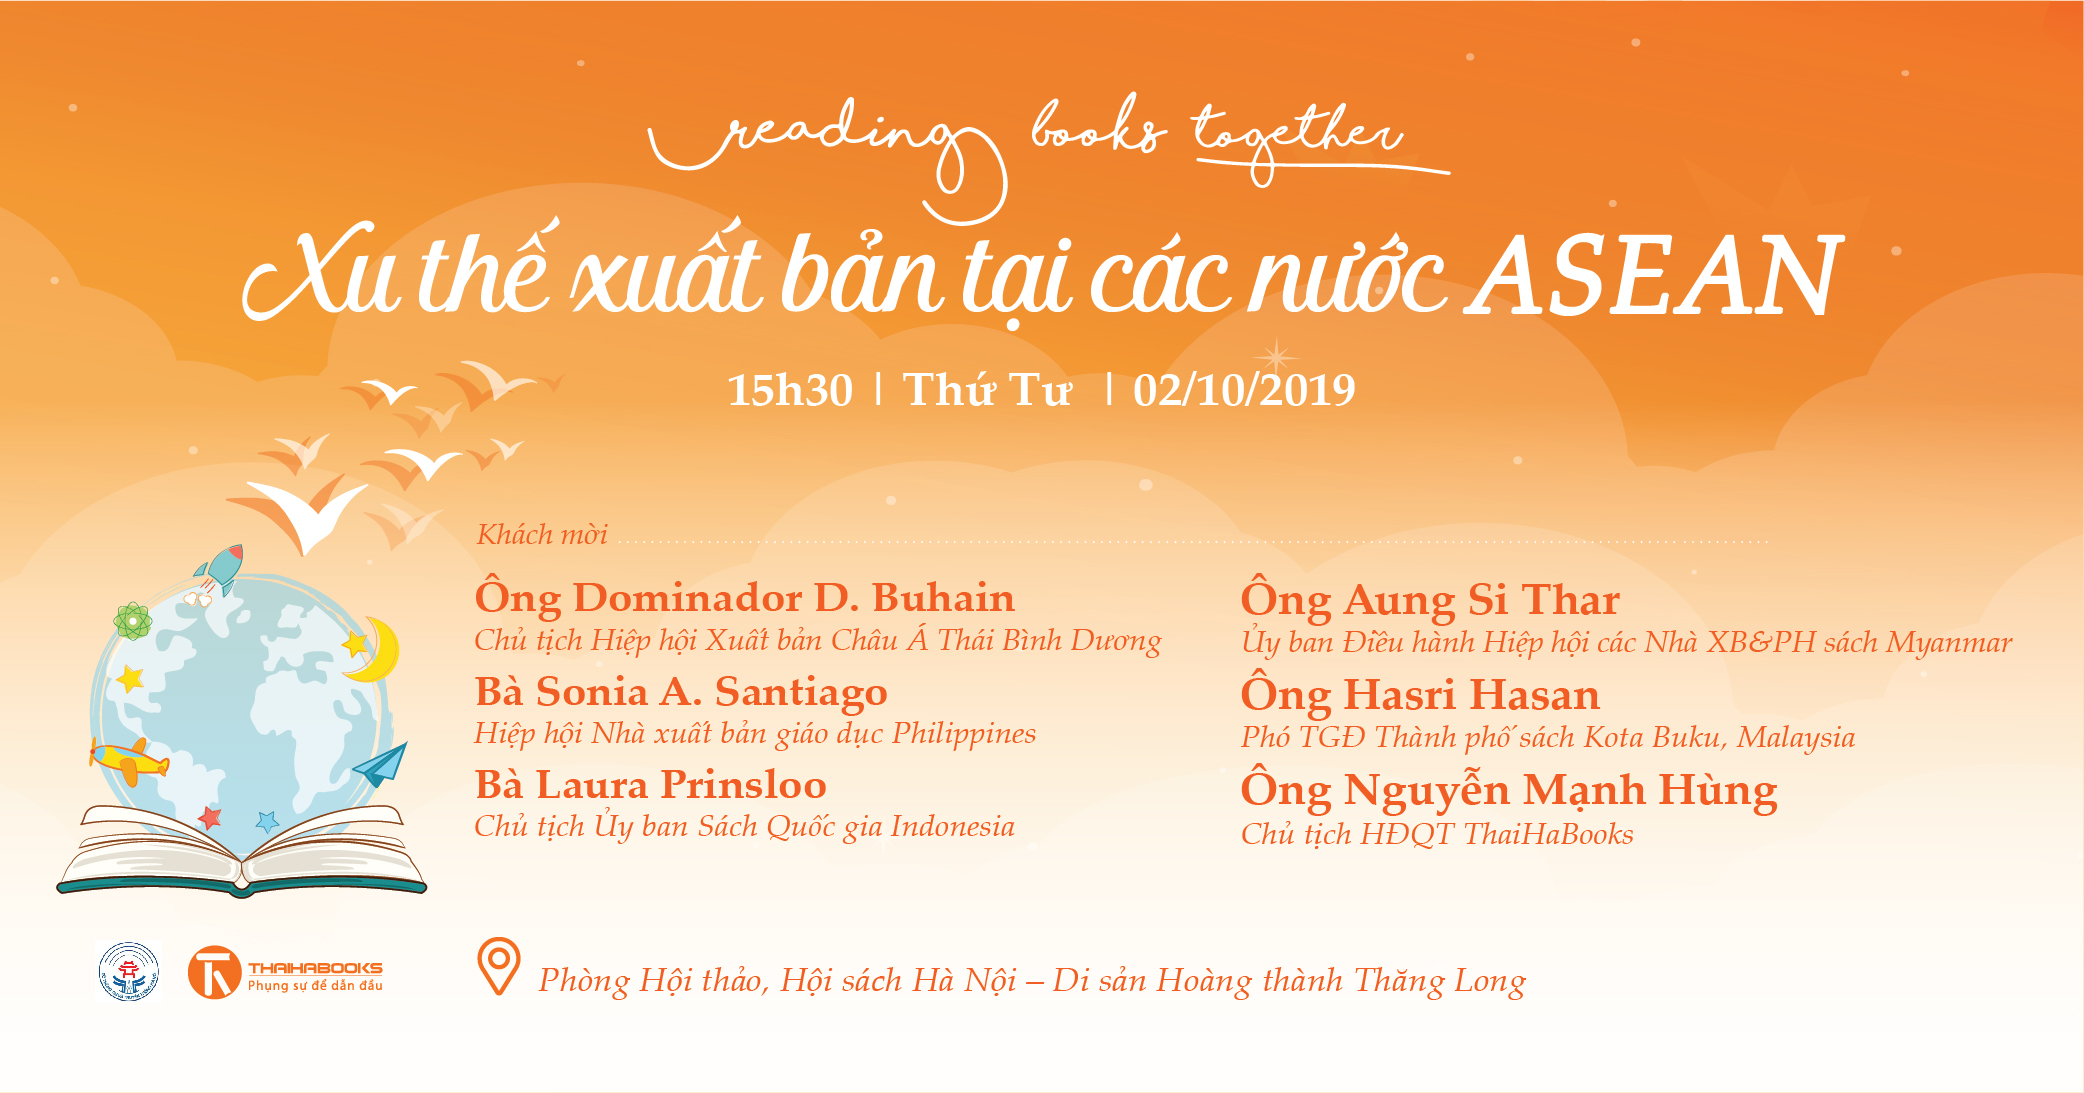 Xu thế xuất bản tại các nước ASEAN